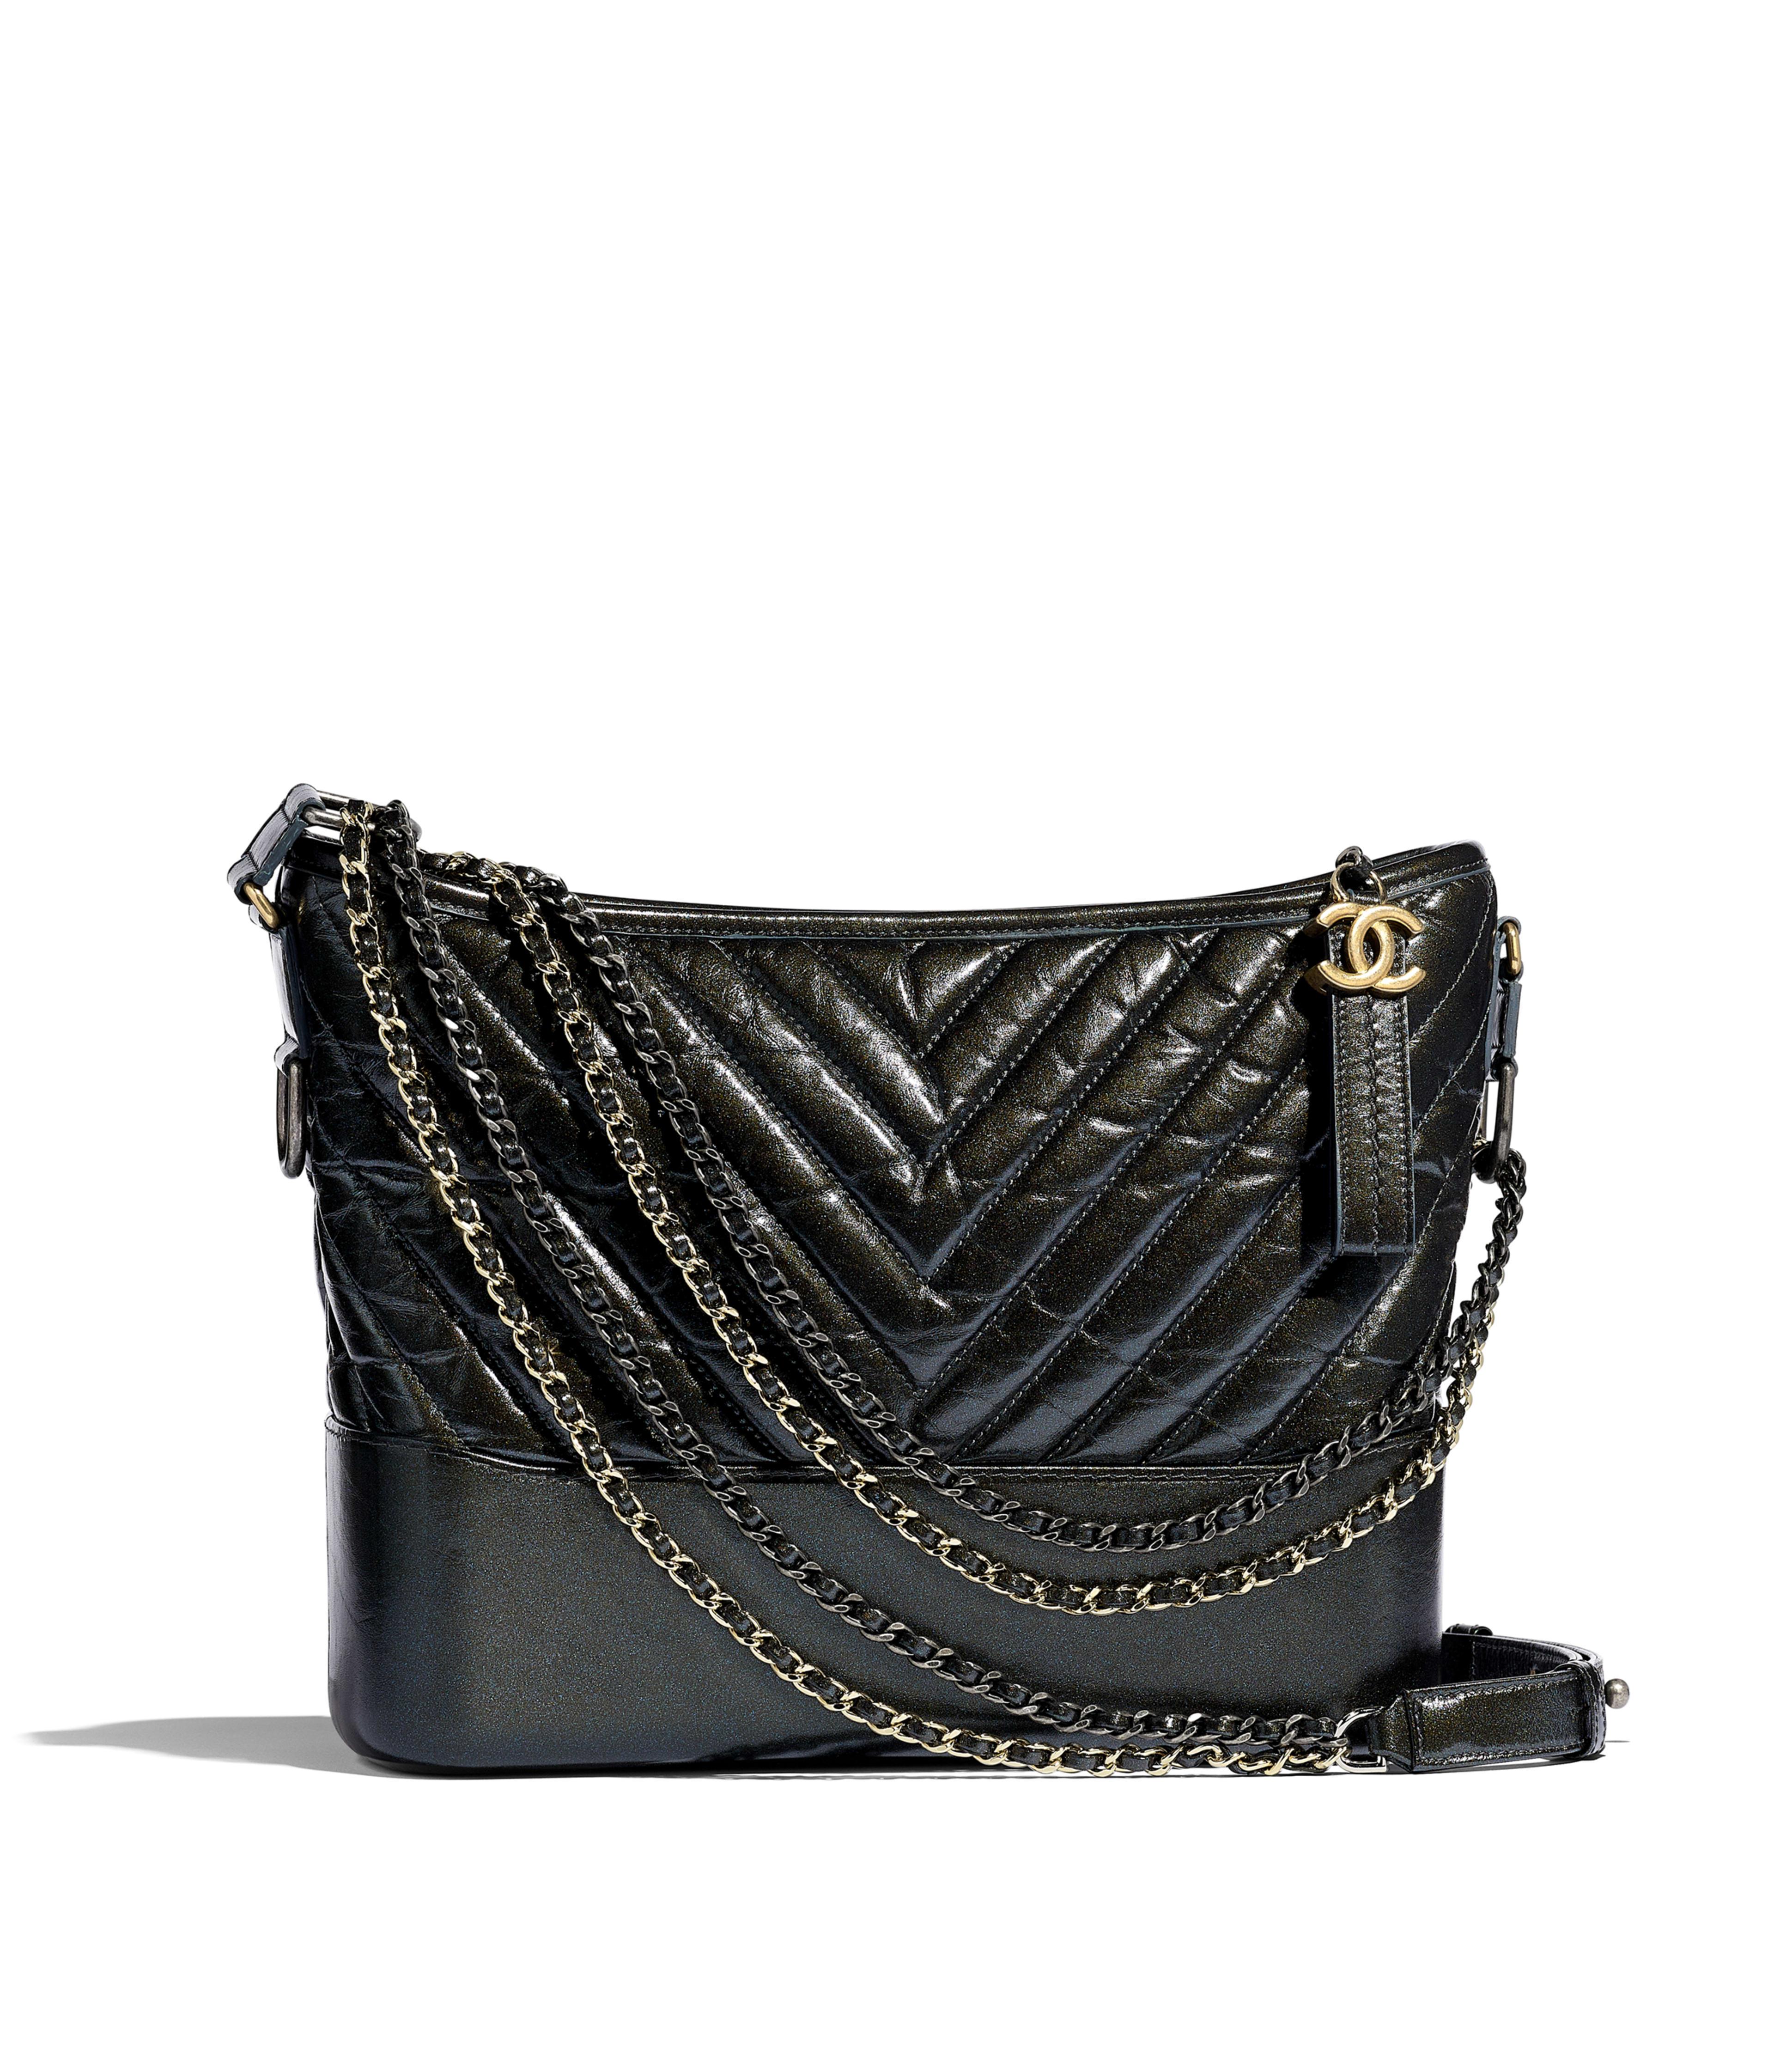 0c0d0fad7059 CHANEL'S GABRIELLE Hobo Bag Aged Calfskin, Silver-Tone & Gold-Tone Metal,  Dark Gray Ref. A93824B00877N4780